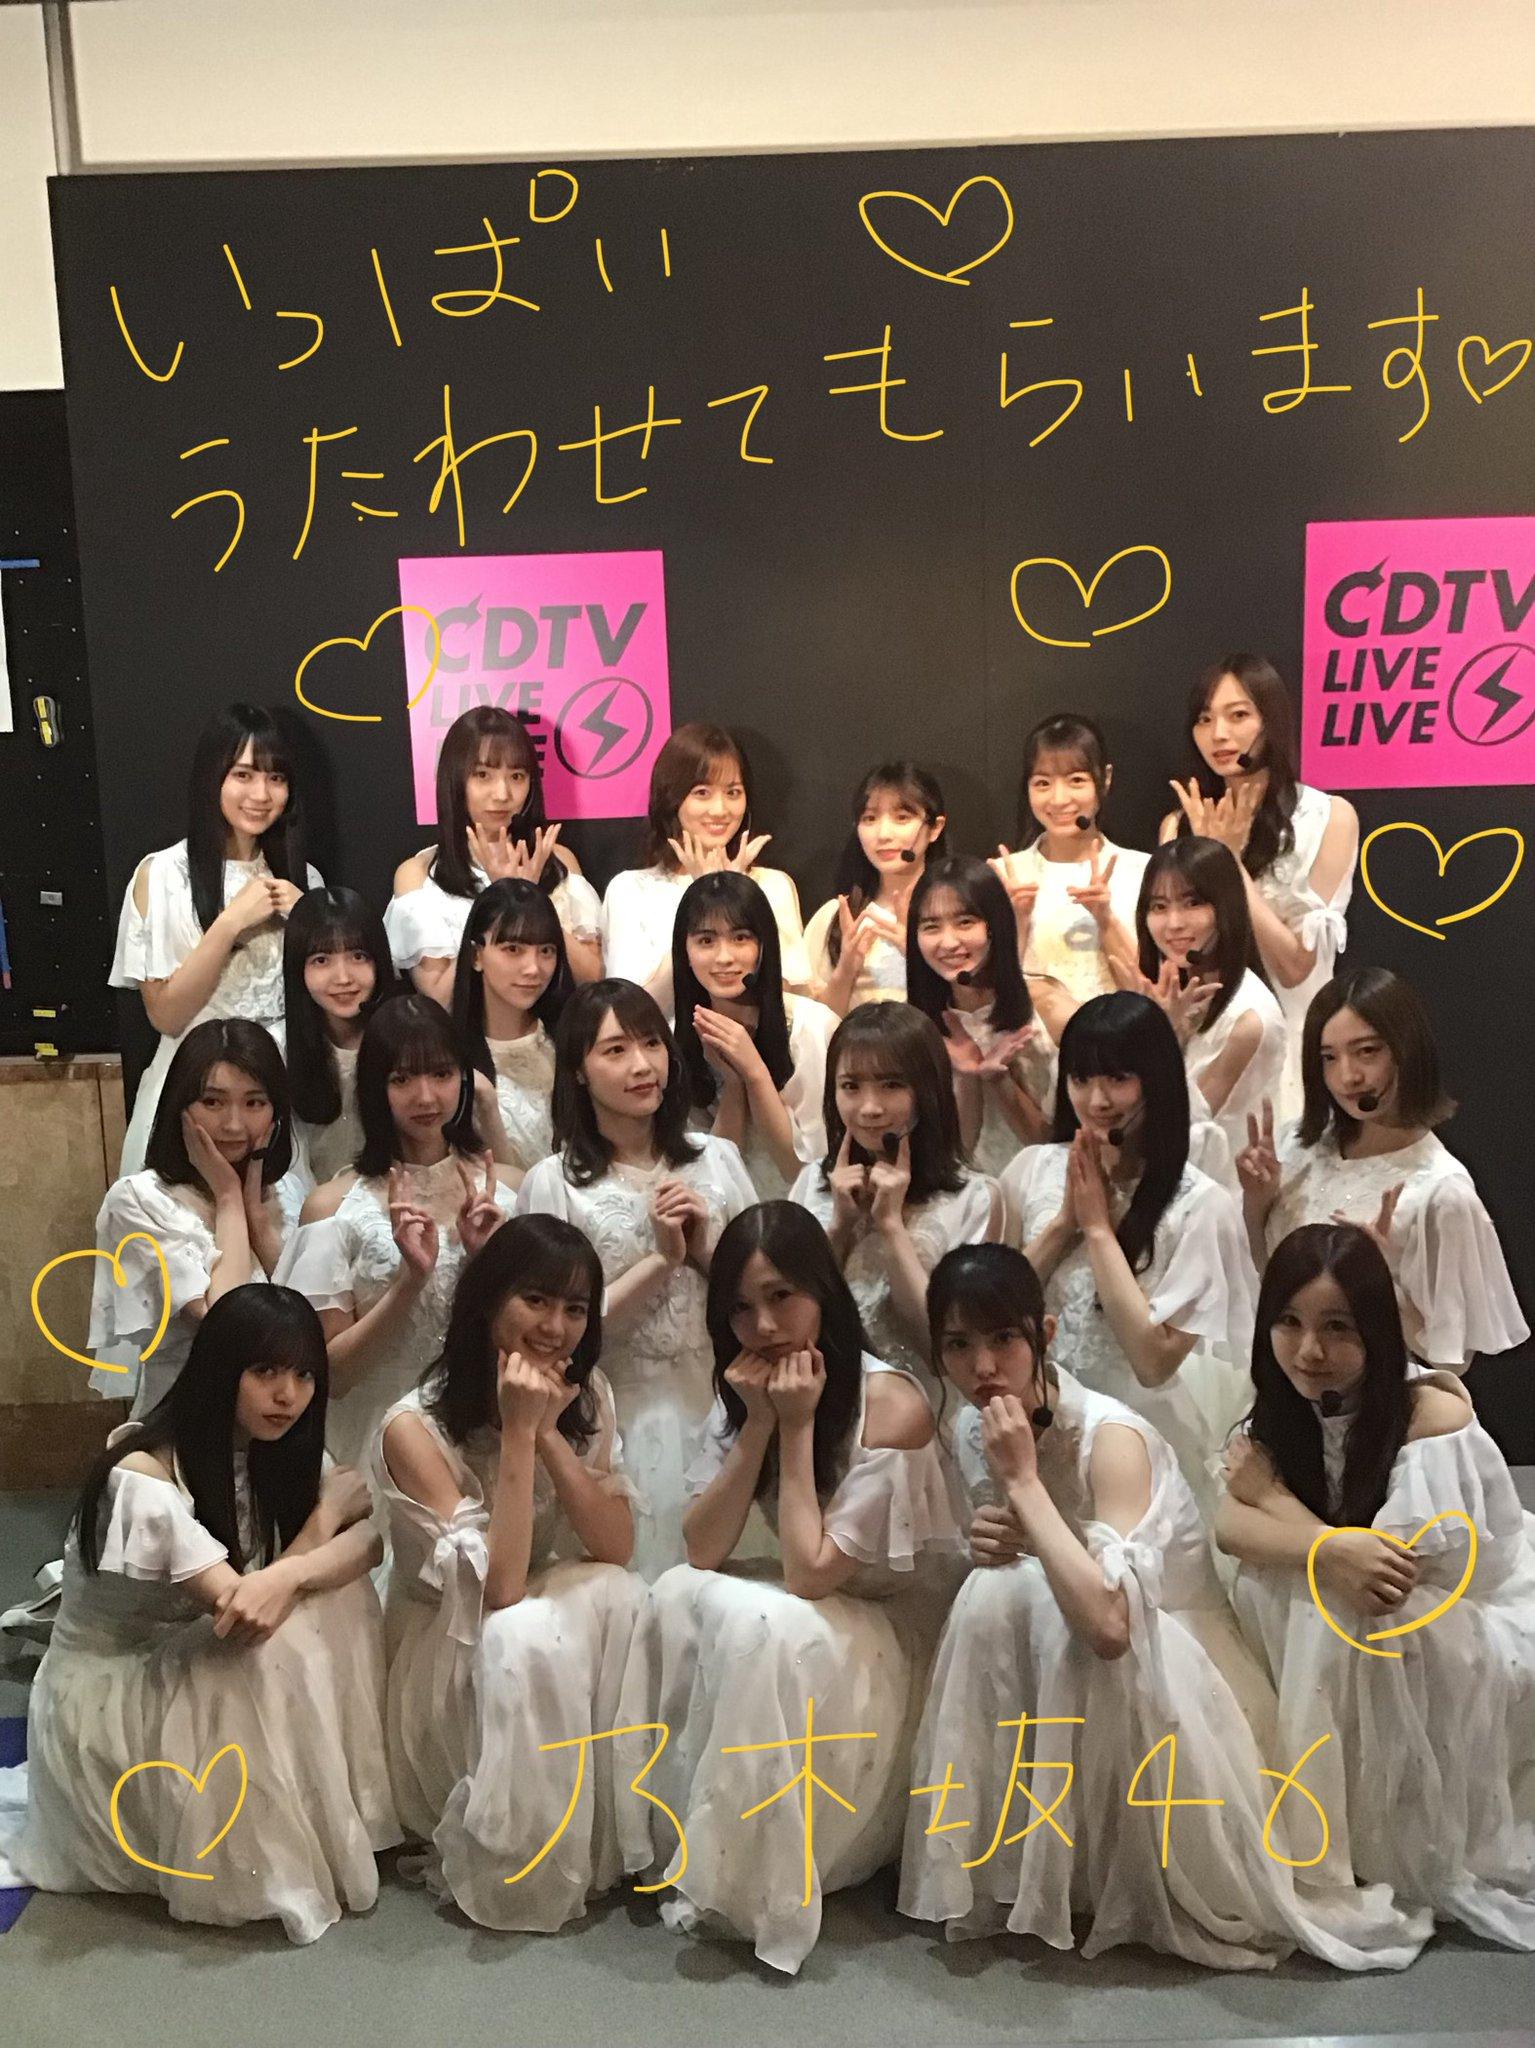 新番組CDTVライブ!ライブ!